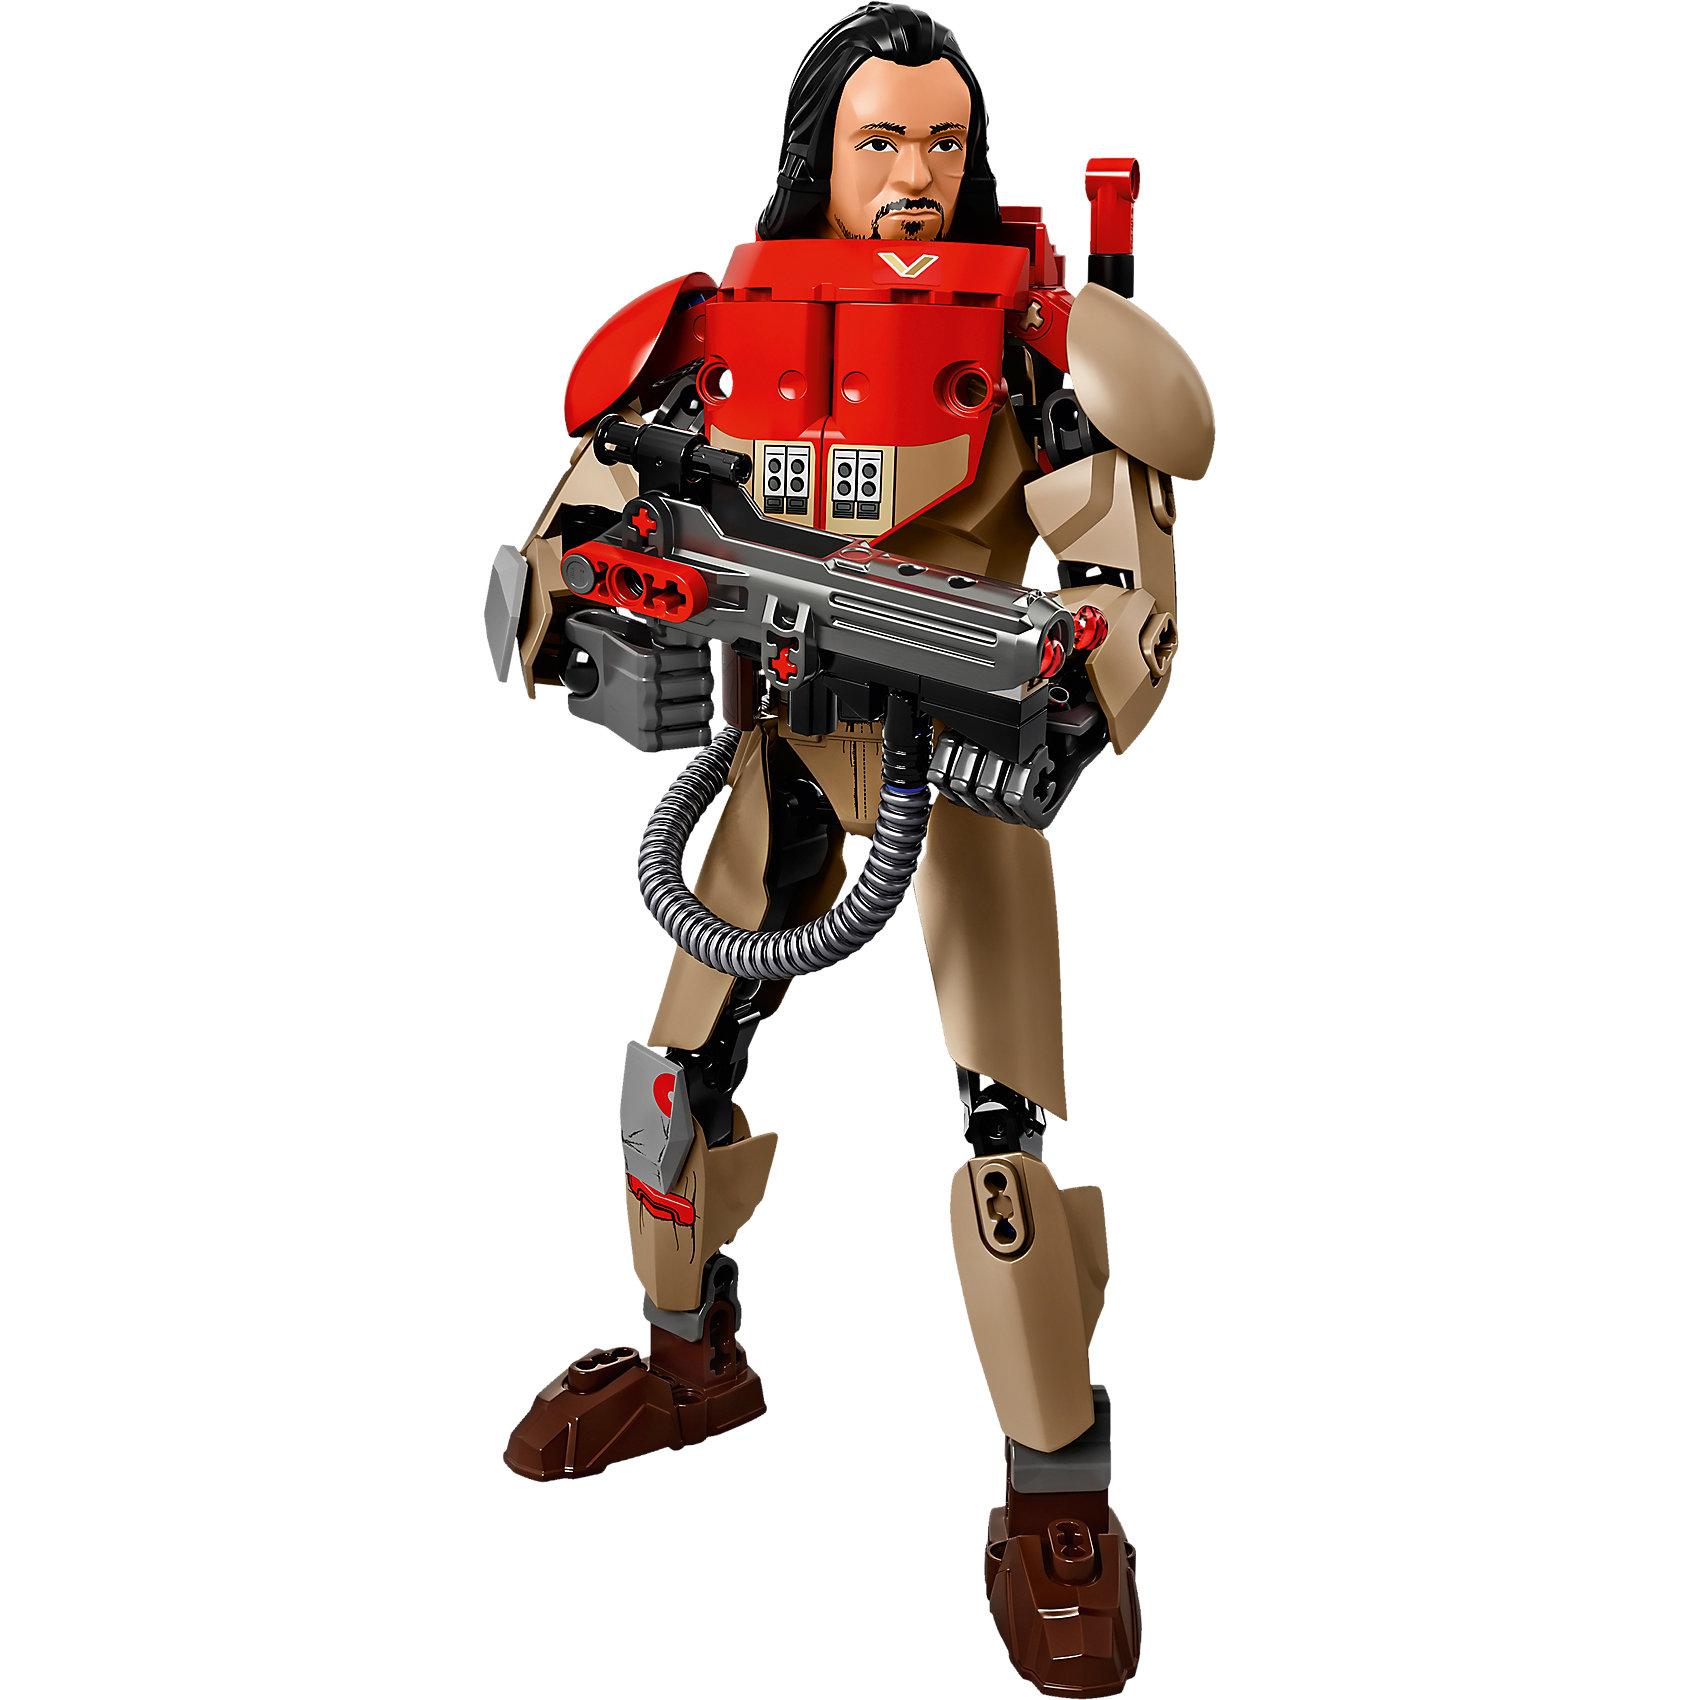 """LEGO Star Wars 75525: Бэйз МальбусПластмассовые конструкторы<br>LEGO Star Wars 75525: Бэйз Мальбус<br><br>Характеристики:<br><br>- в набор входит: детали сборки Бэйза Мальбуса, наклейки, детали оружия,  инструкция<br>- состав: пластик<br>- количество деталей: 148<br>- примерное время сборки: 20 минут<br>- размер упаковки: 14 * 7 * 26 см.<br>- высота фигуры: 24 см.<br>- для детей в возрасте: от 9 до 14 лет<br>- Страна производитель: Дания/Китай/Чехия/<br><br>Легендарный конструктор LEGO (ЛЕГО) представляет серию """"Звездные Войны"""" с героями одноименных фильмов. Этот набор относится к битве на Скарифе и событиям фильма """"Изгой-один. Звёздные войны: Истории"""". Отличный красный с бежевым костюм Бэйза напоминает доспех. Часть костюма выполнена из мягкого пластика, в набор входит 7 наклеек для декорирования. Руки поворачиваются в плечах, локтях и кистях, а ноги в бедрах, коленях и ступнях, фигурку удобно ставить в желаемые позы. Наплечники двигаются и позволяют рукам двигаться свободно. Детали на правой ноге Бэйза напечатаны. Голова и волосы выполнен очень детально и качественно. Множество декоративных элементов делают Бэйза почти настоящим. Ручной пулемет повстанца оснащен снарядами, вылетающими благодаря встроенному механизму. Присоединись к команде повстанцев и совершенствуй свою силу. <br><br>Конструктор LEGO Star Wars 75525: Бэйз Мальбус можно купить в нашем интернет-магазине.<br><br>Ширина мм: 263<br>Глубина мм: 144<br>Высота мм: 76<br>Вес г: 287<br>Возраст от месяцев: 108<br>Возраст до месяцев: 168<br>Пол: Мужской<br>Возраст: Детский<br>SKU: 5002380"""